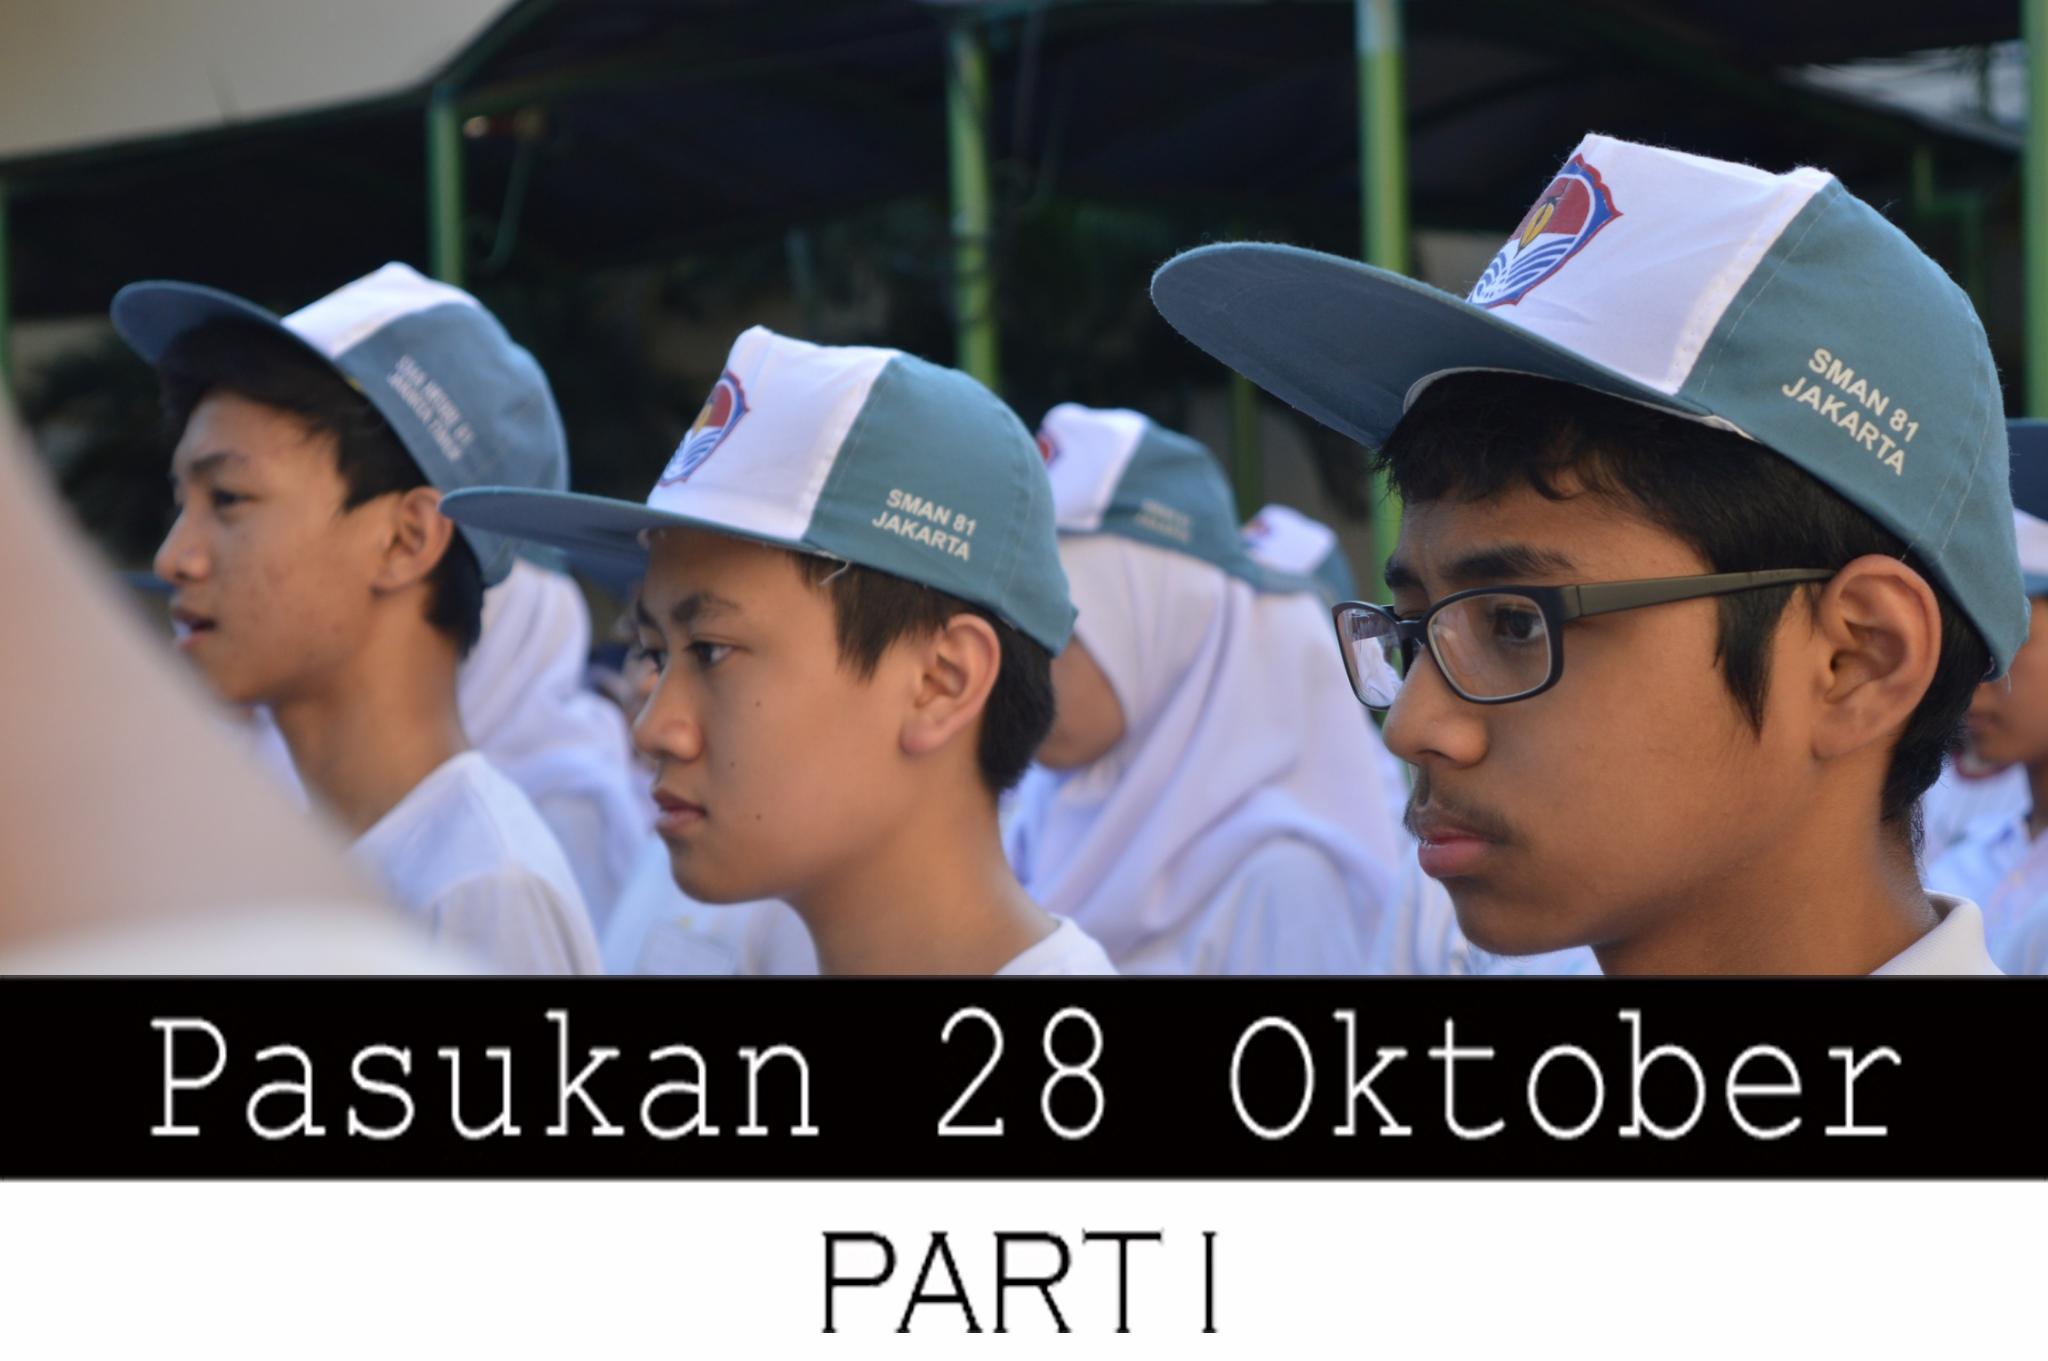 Pasukan 28 Oktober Part I : Disambut dengan penuh antusiasme!